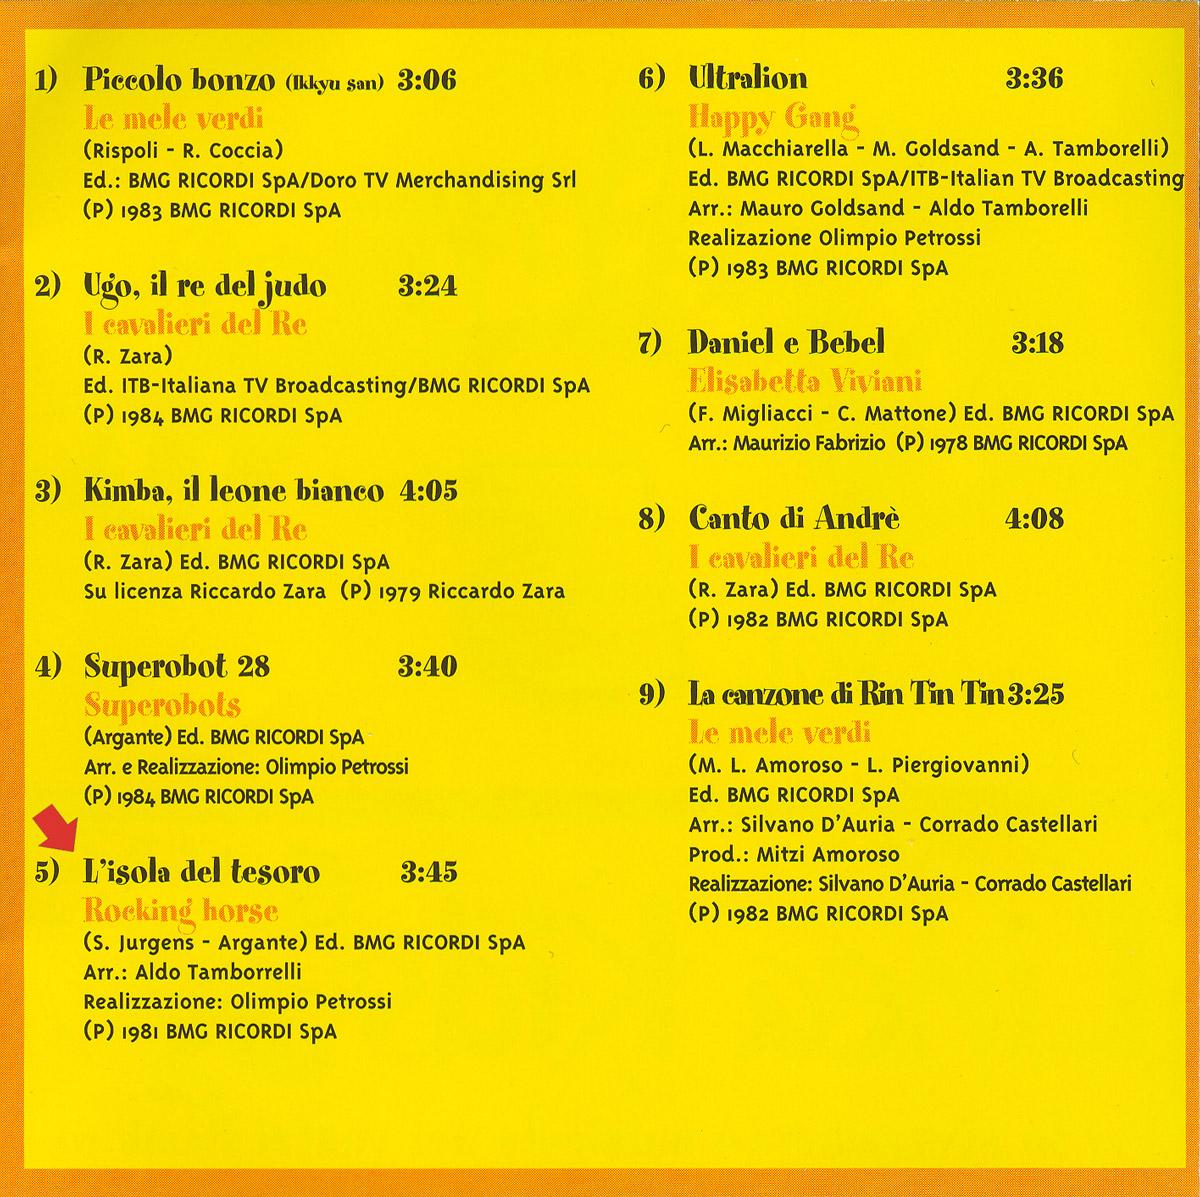 Interno di copertina del CD contenente l'Isola del Tesoro con i crediti errati